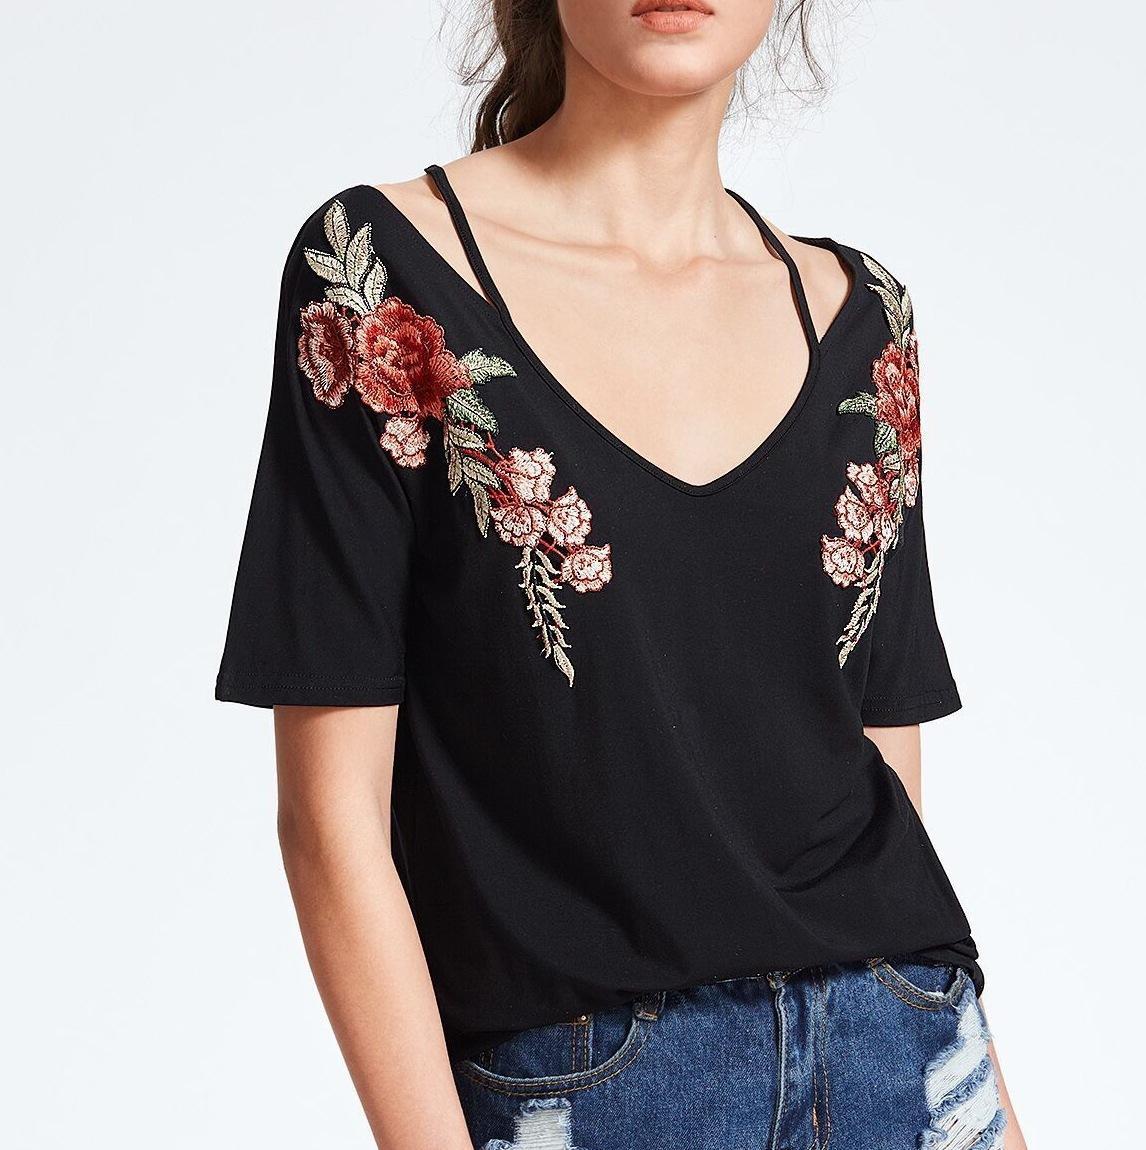 Весенняя и летняя новая женская вышивка аппликация свободная футболка подвески